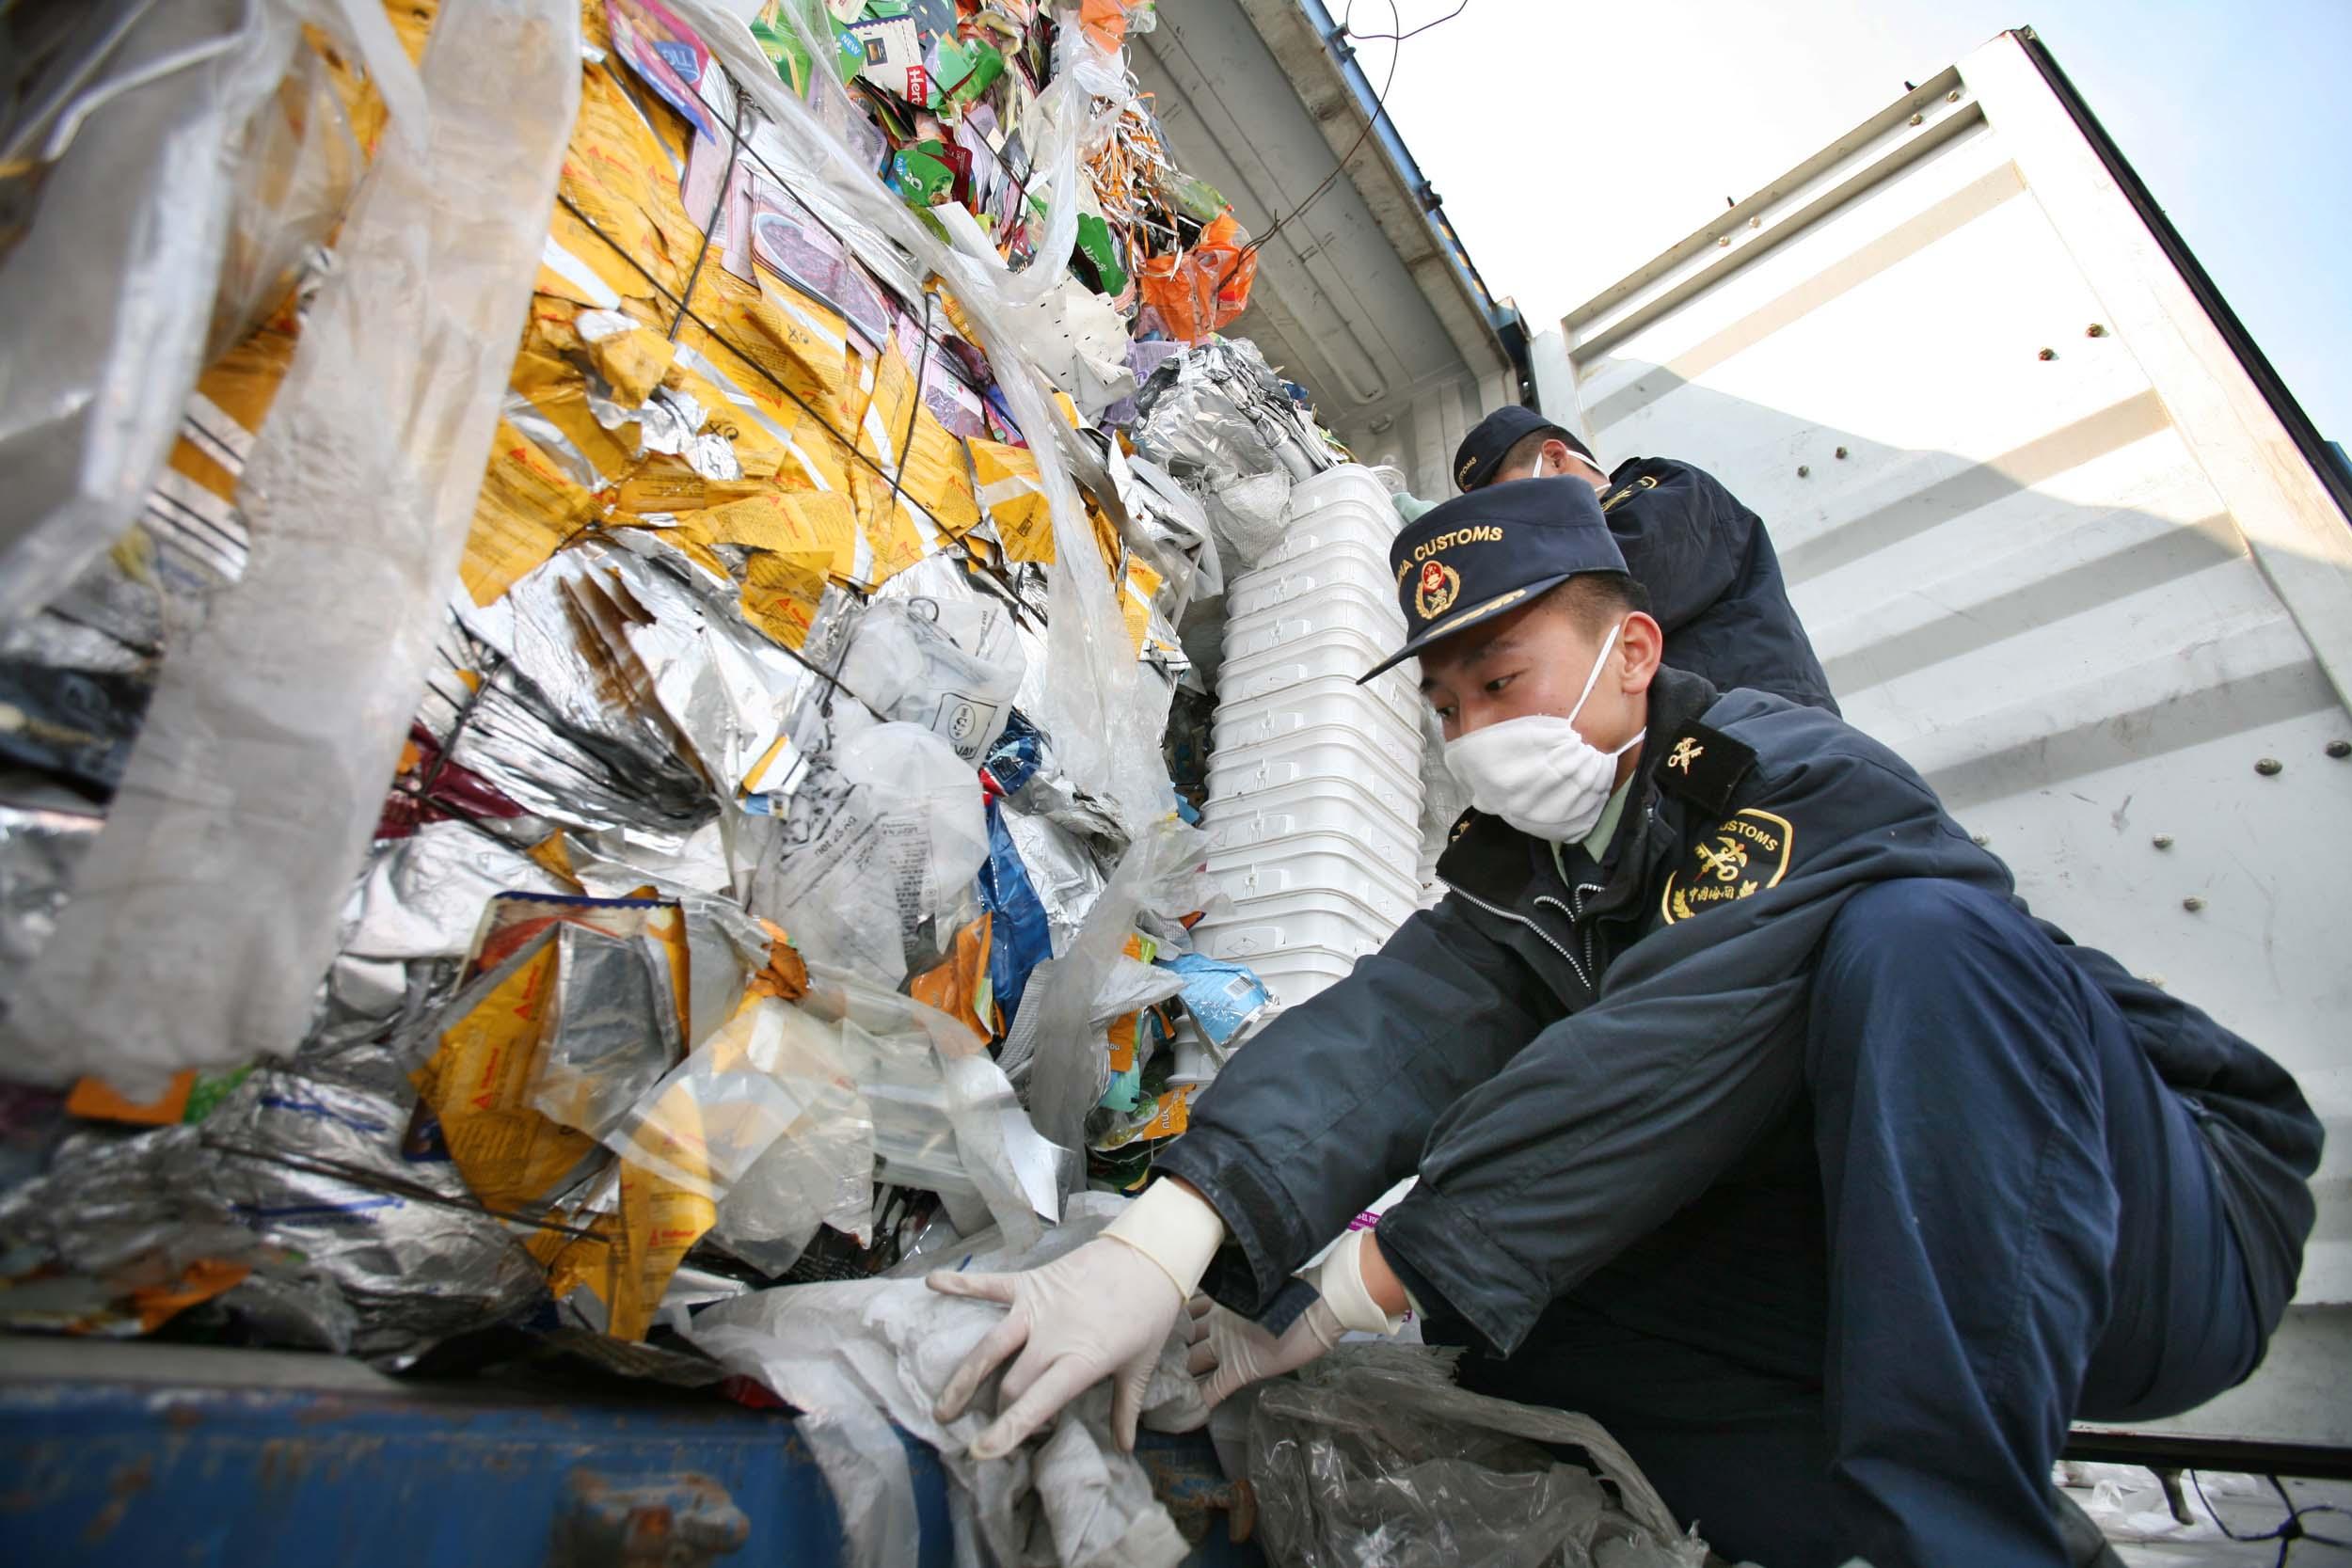 中国停止进口洋垃圾后,澳大利亚少了几十亿的出口额